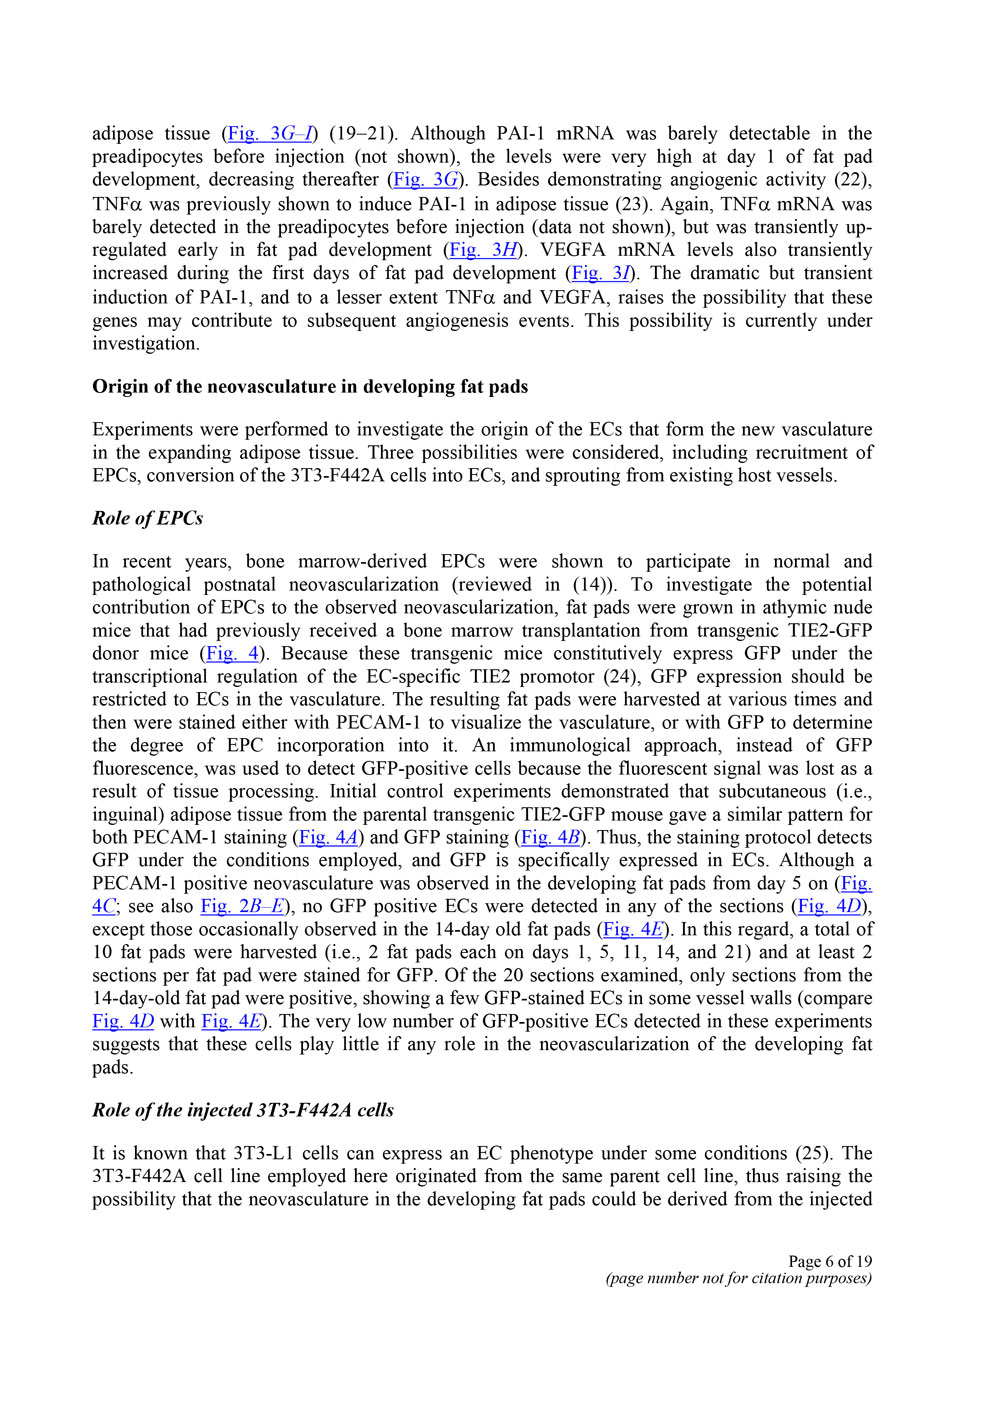 脂肪組織と血管新生の関係 P6